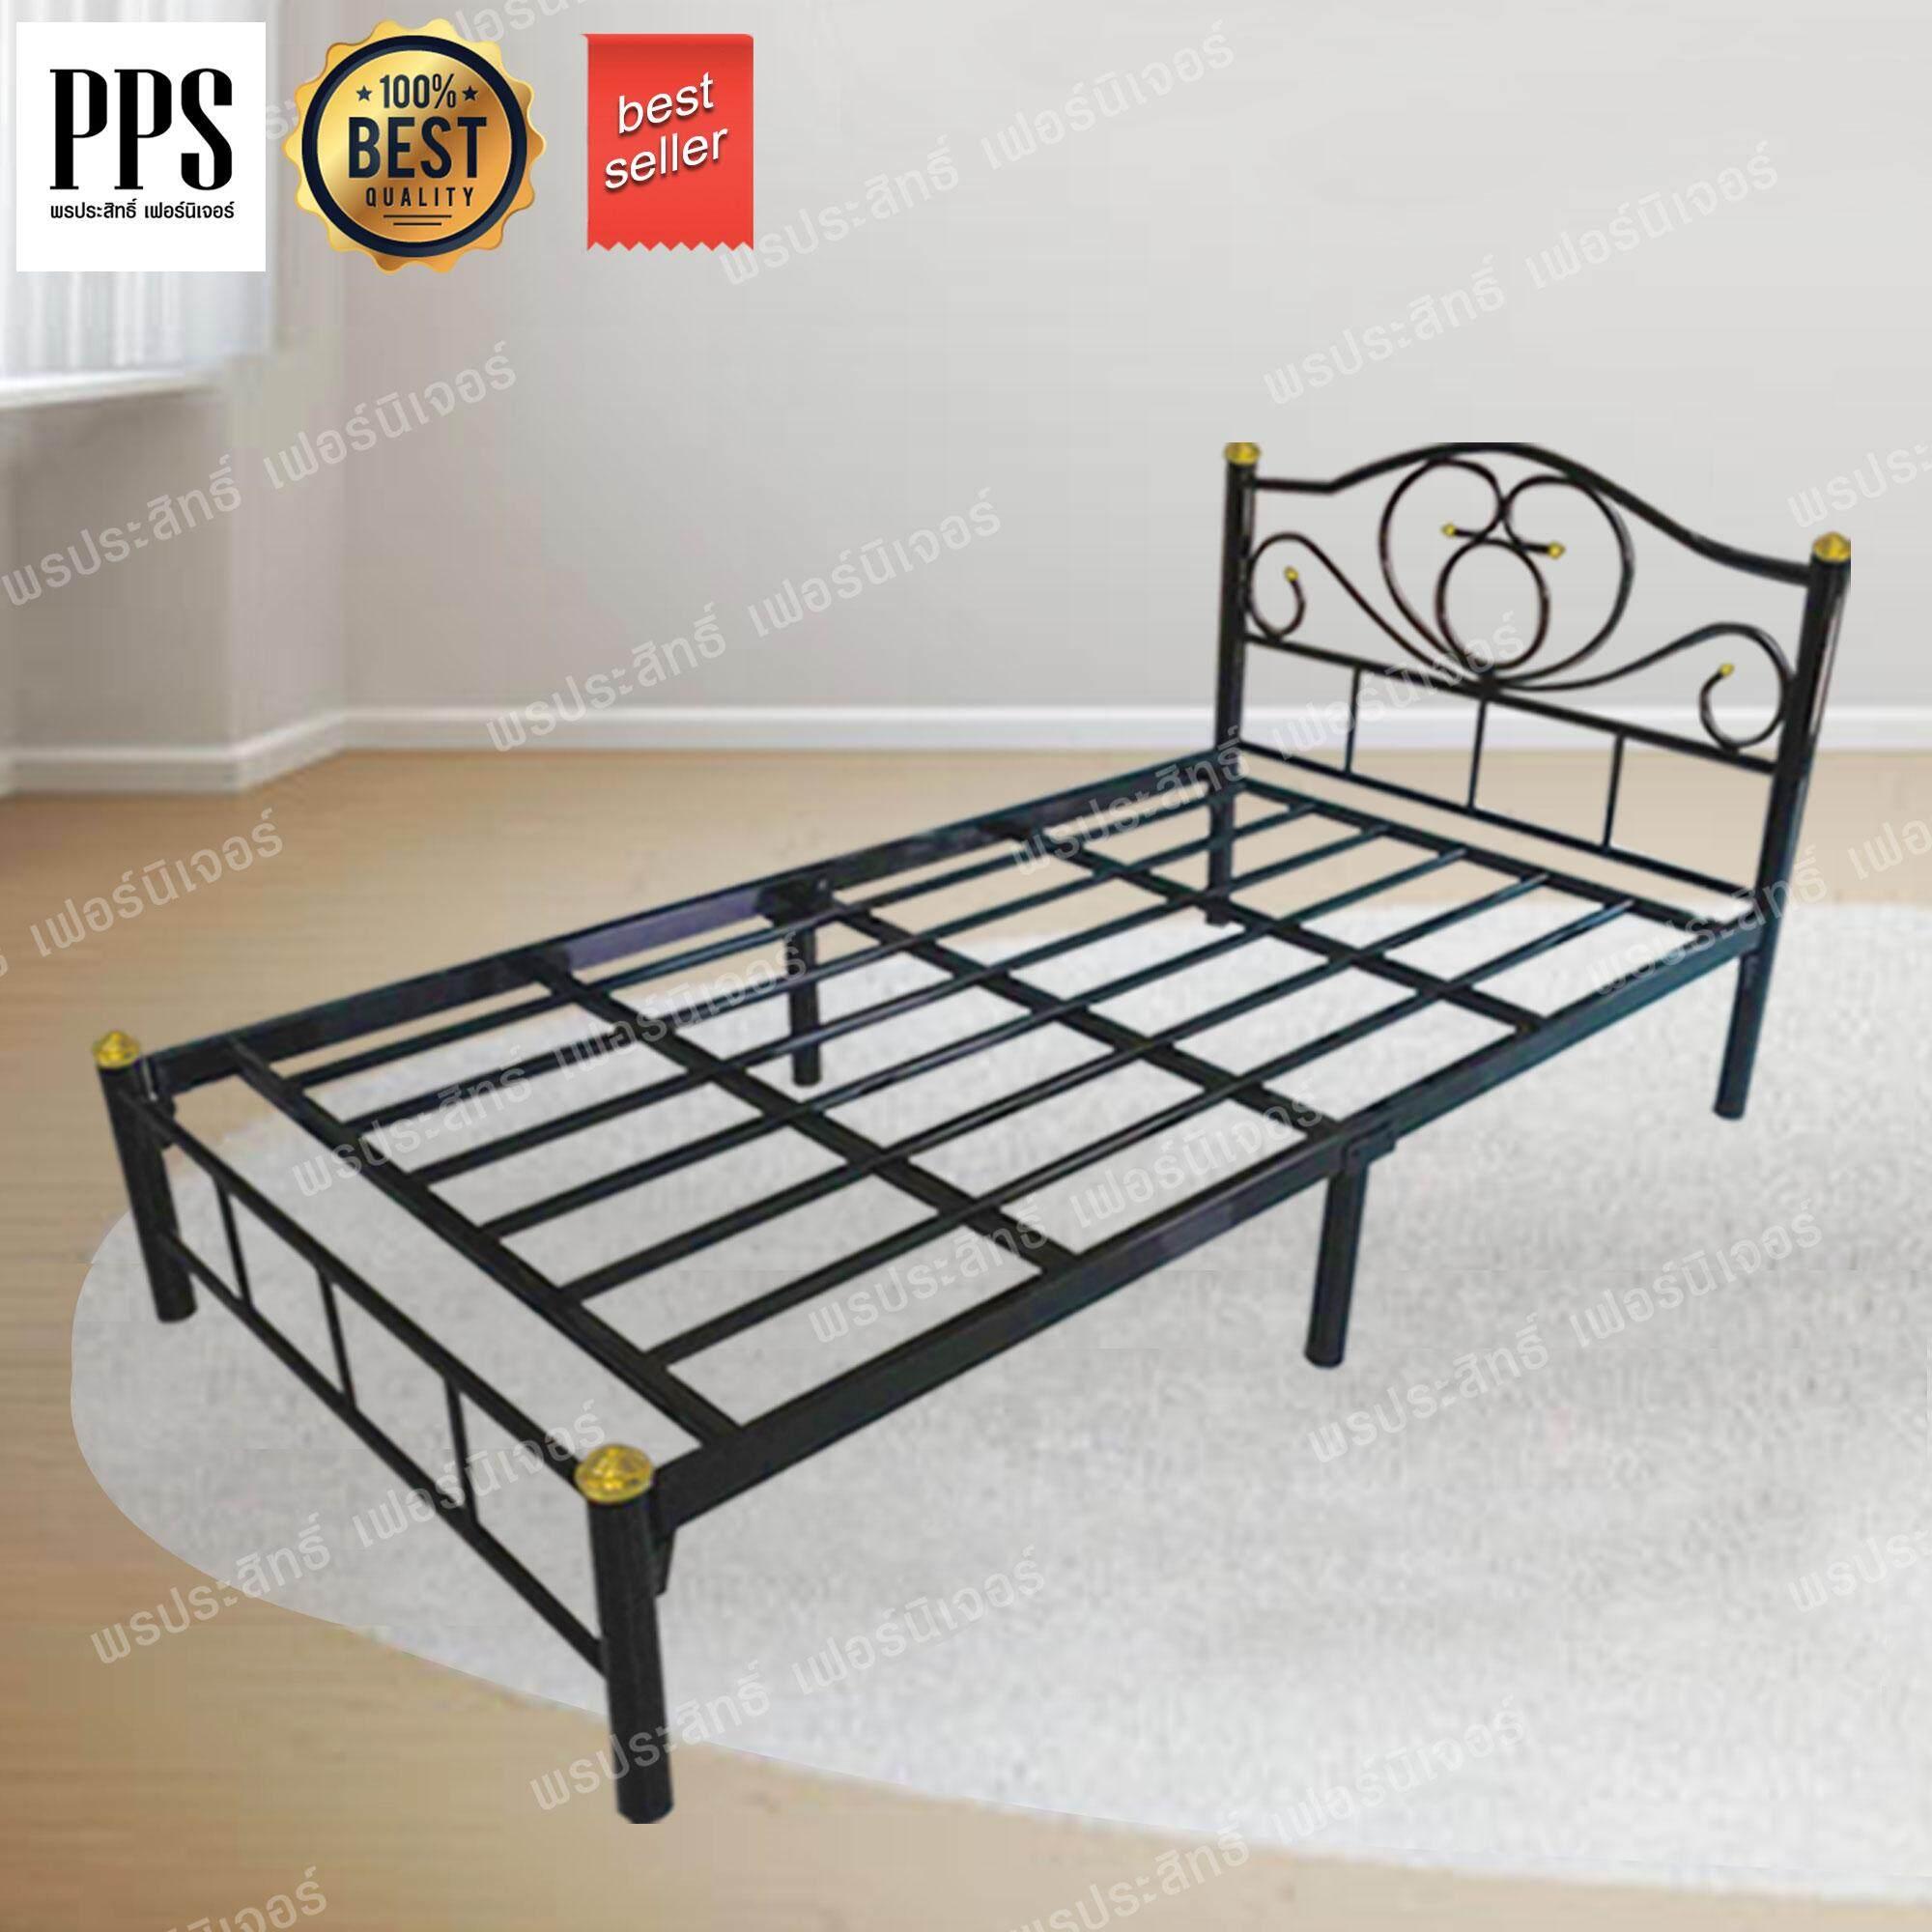 Asia เตียงเหล็ก3.5ฟุต ขา2นิ้ว รุ่นโลตัส (สีดำ).